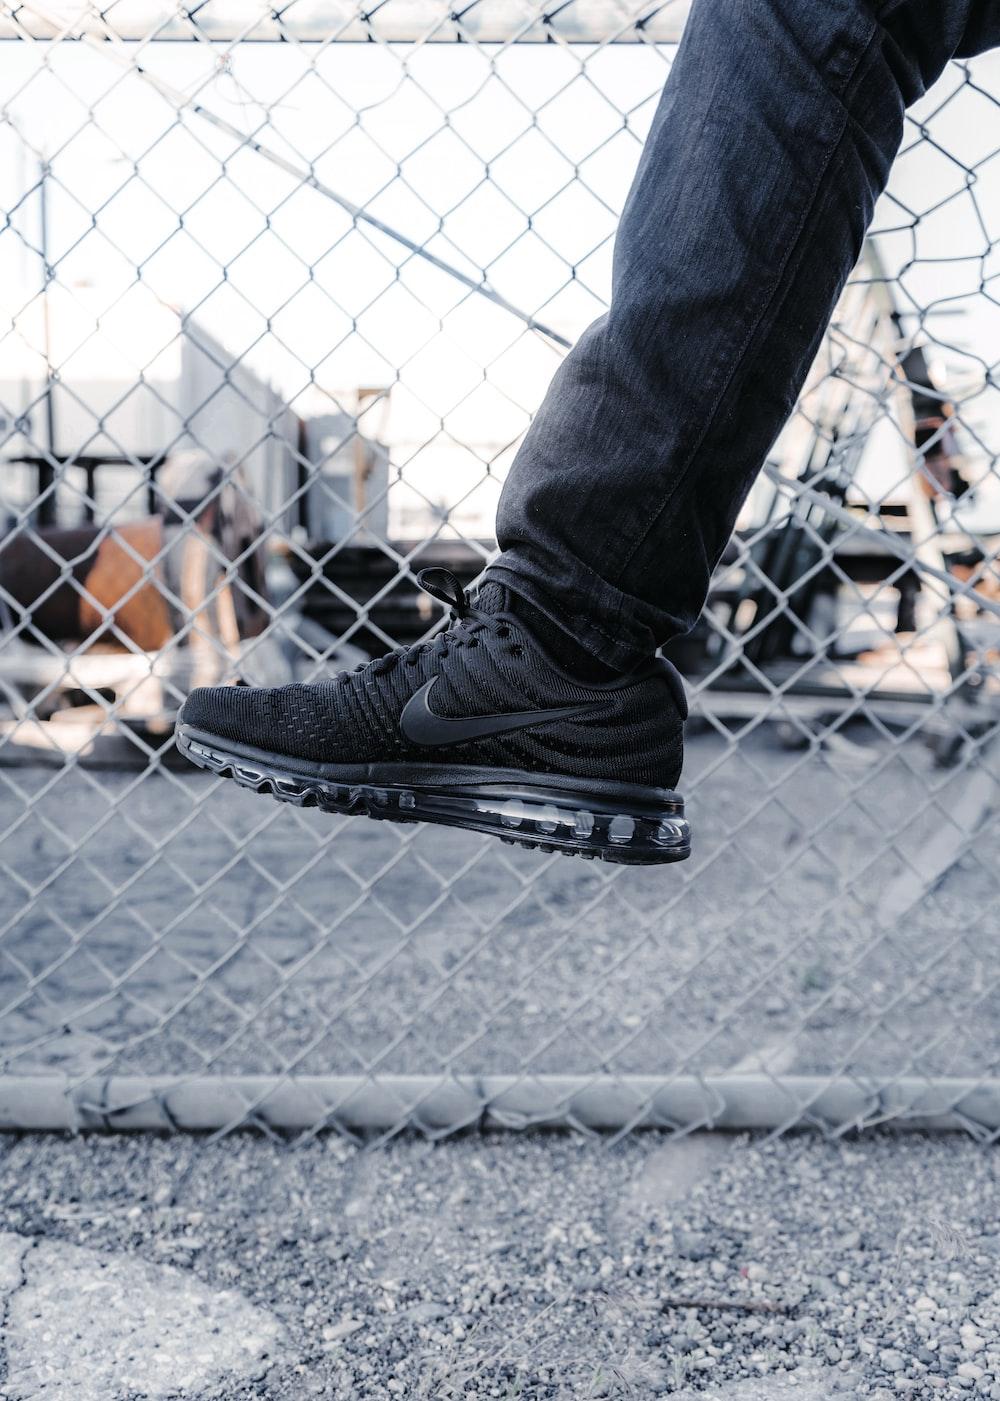 person wearing black Nike running shoe